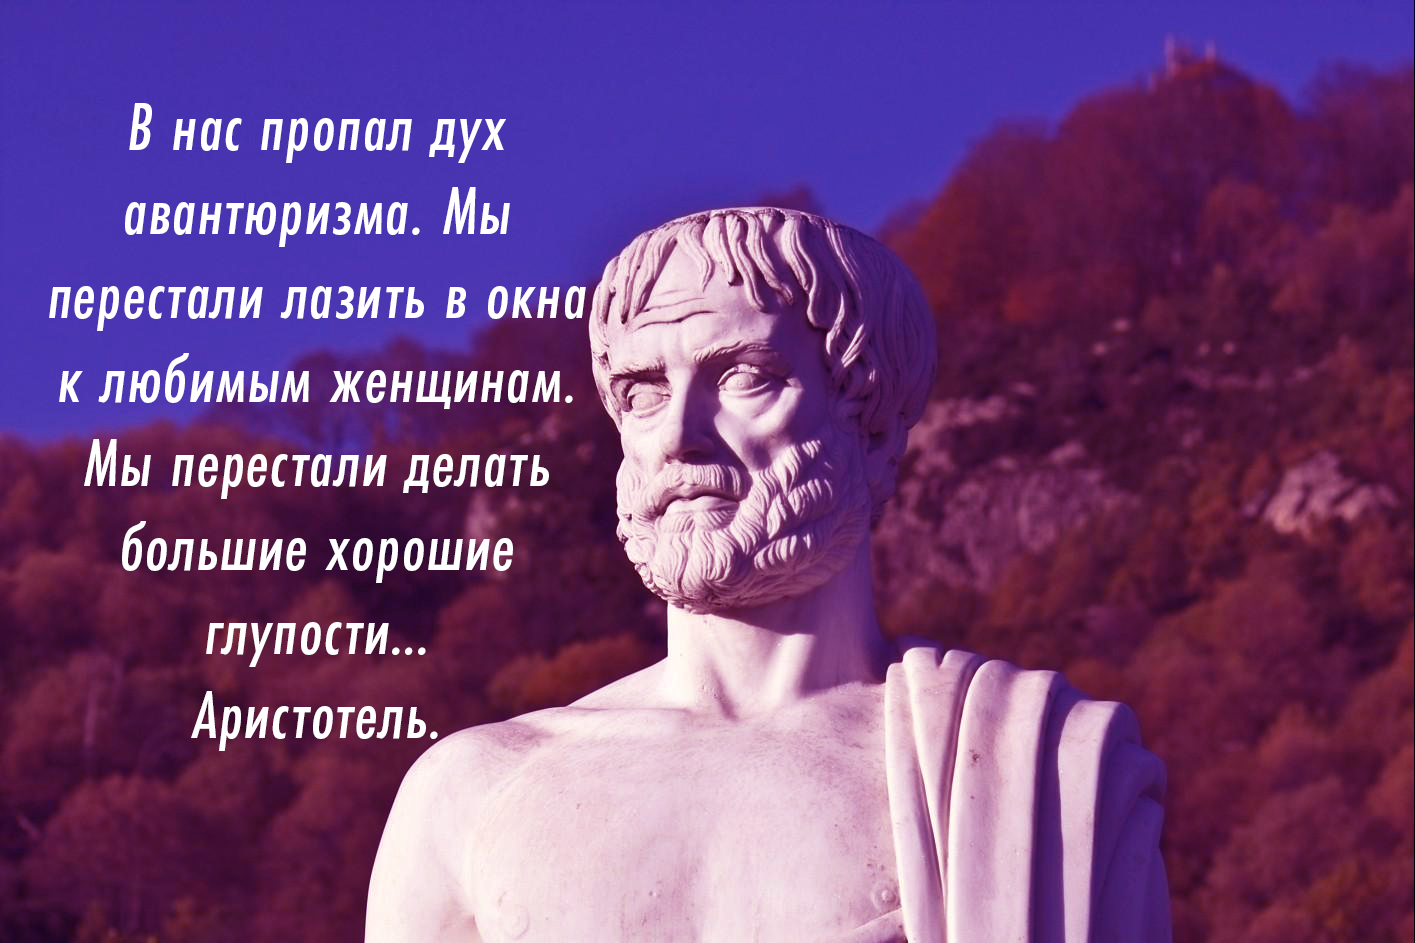 Афоризмы и цитаты великих людей в картинках (27)